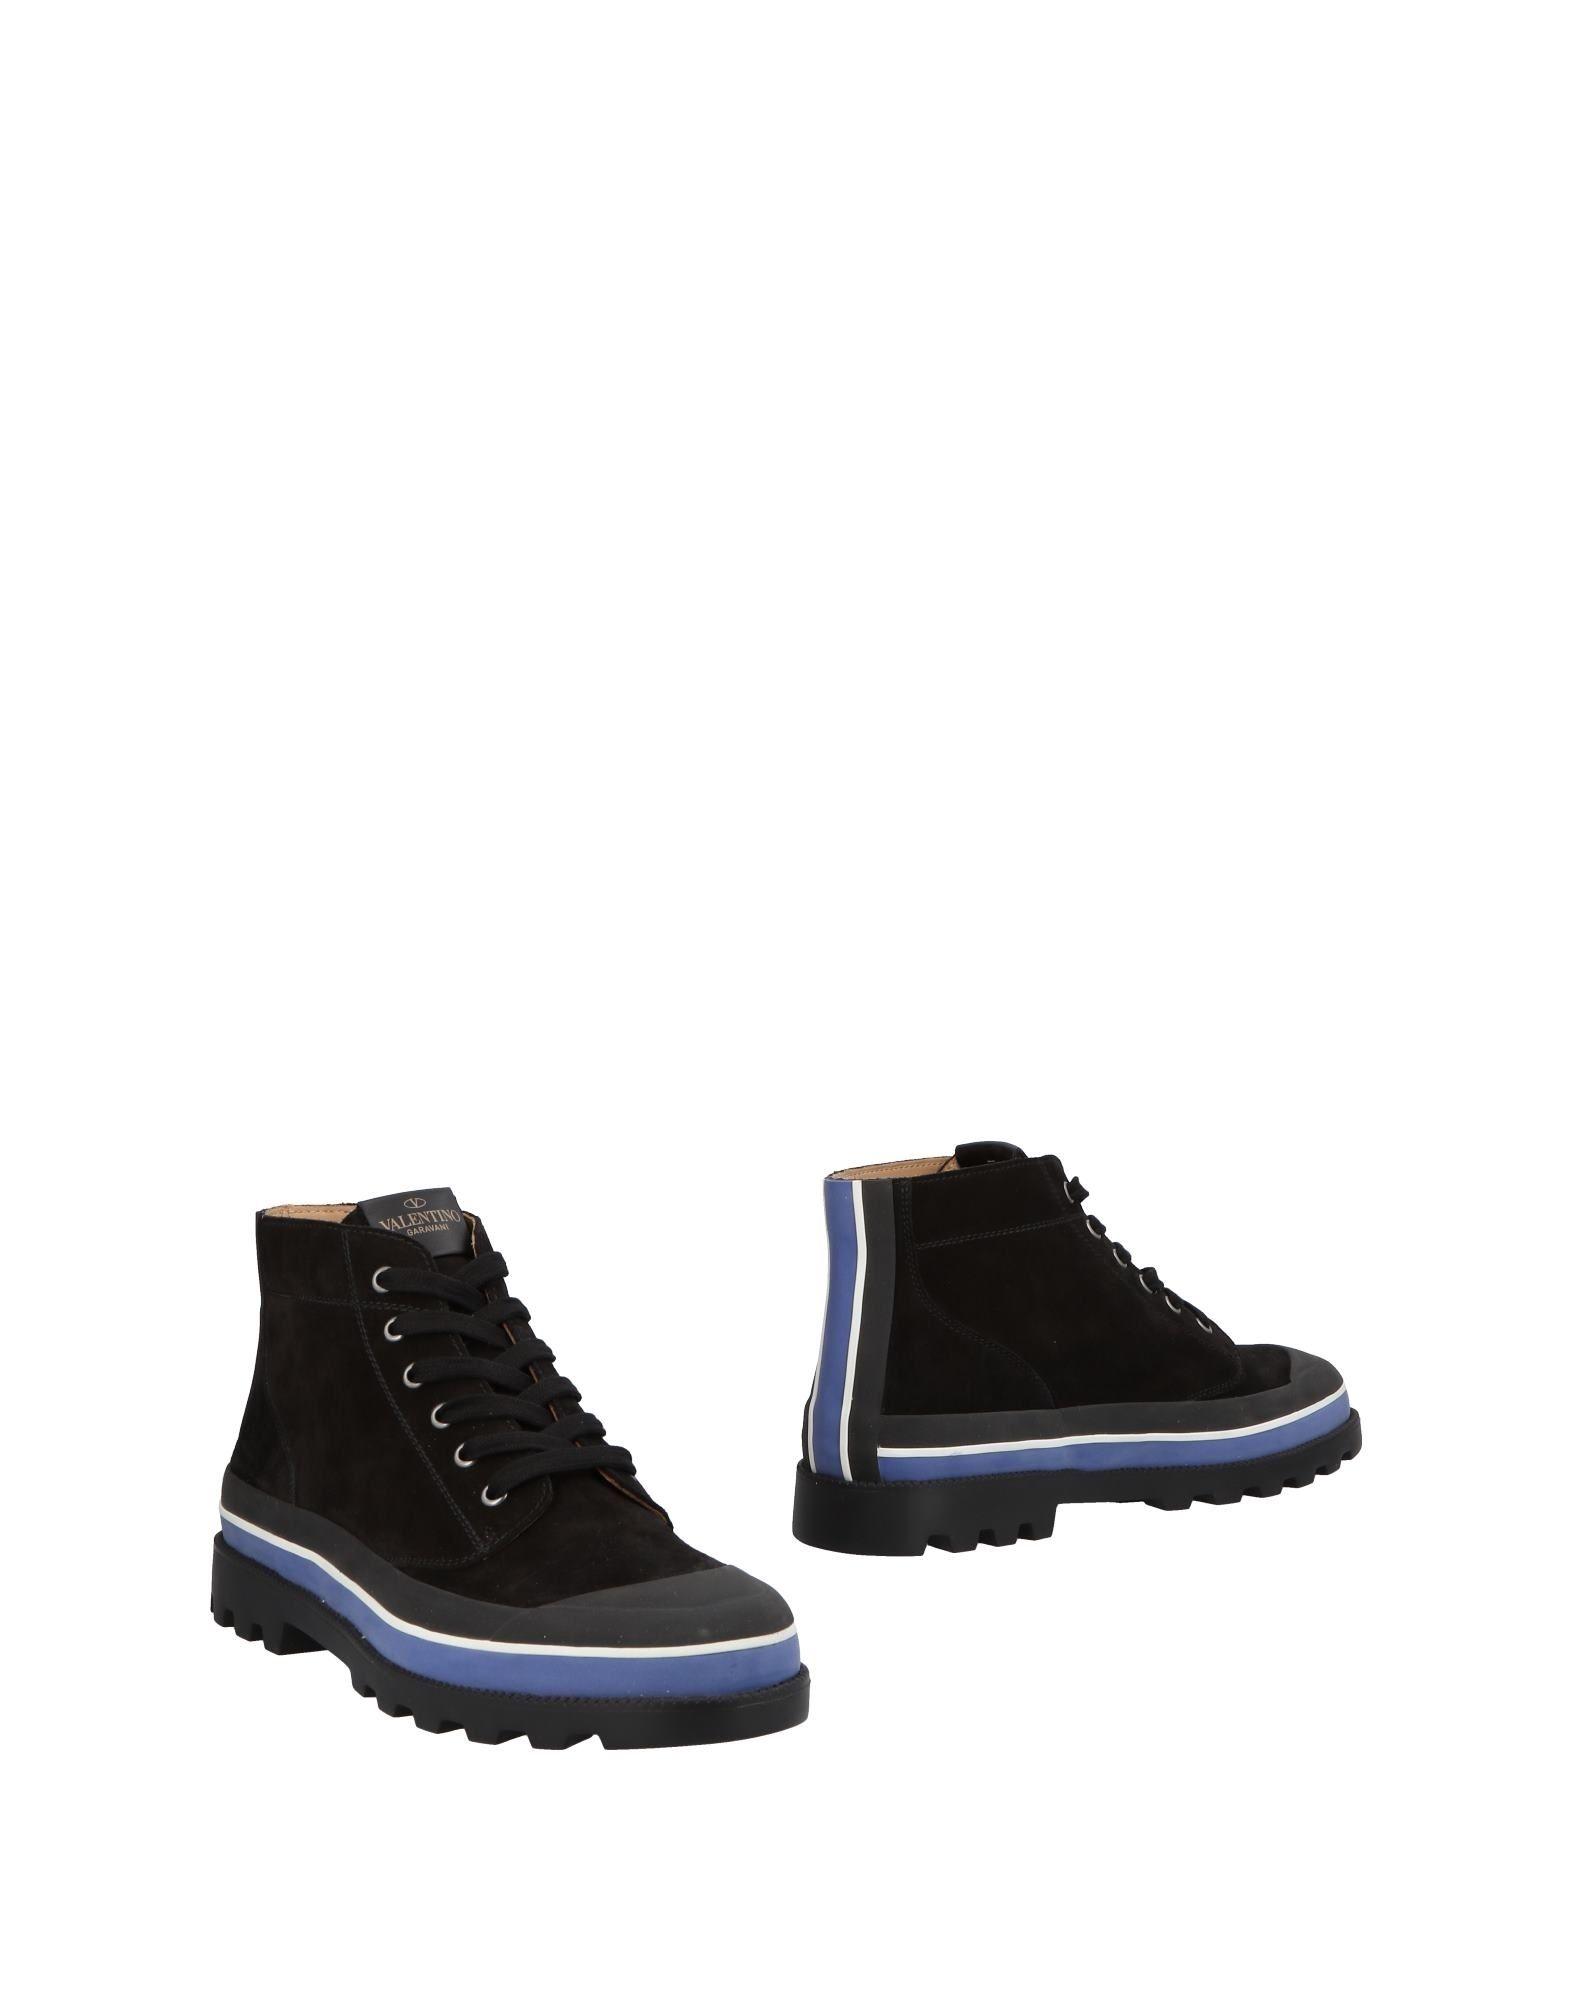 Valentino Garavani Stiefelette Qualität Herren  11494544HT Gute Qualität Stiefelette beliebte Schuhe 0d2443